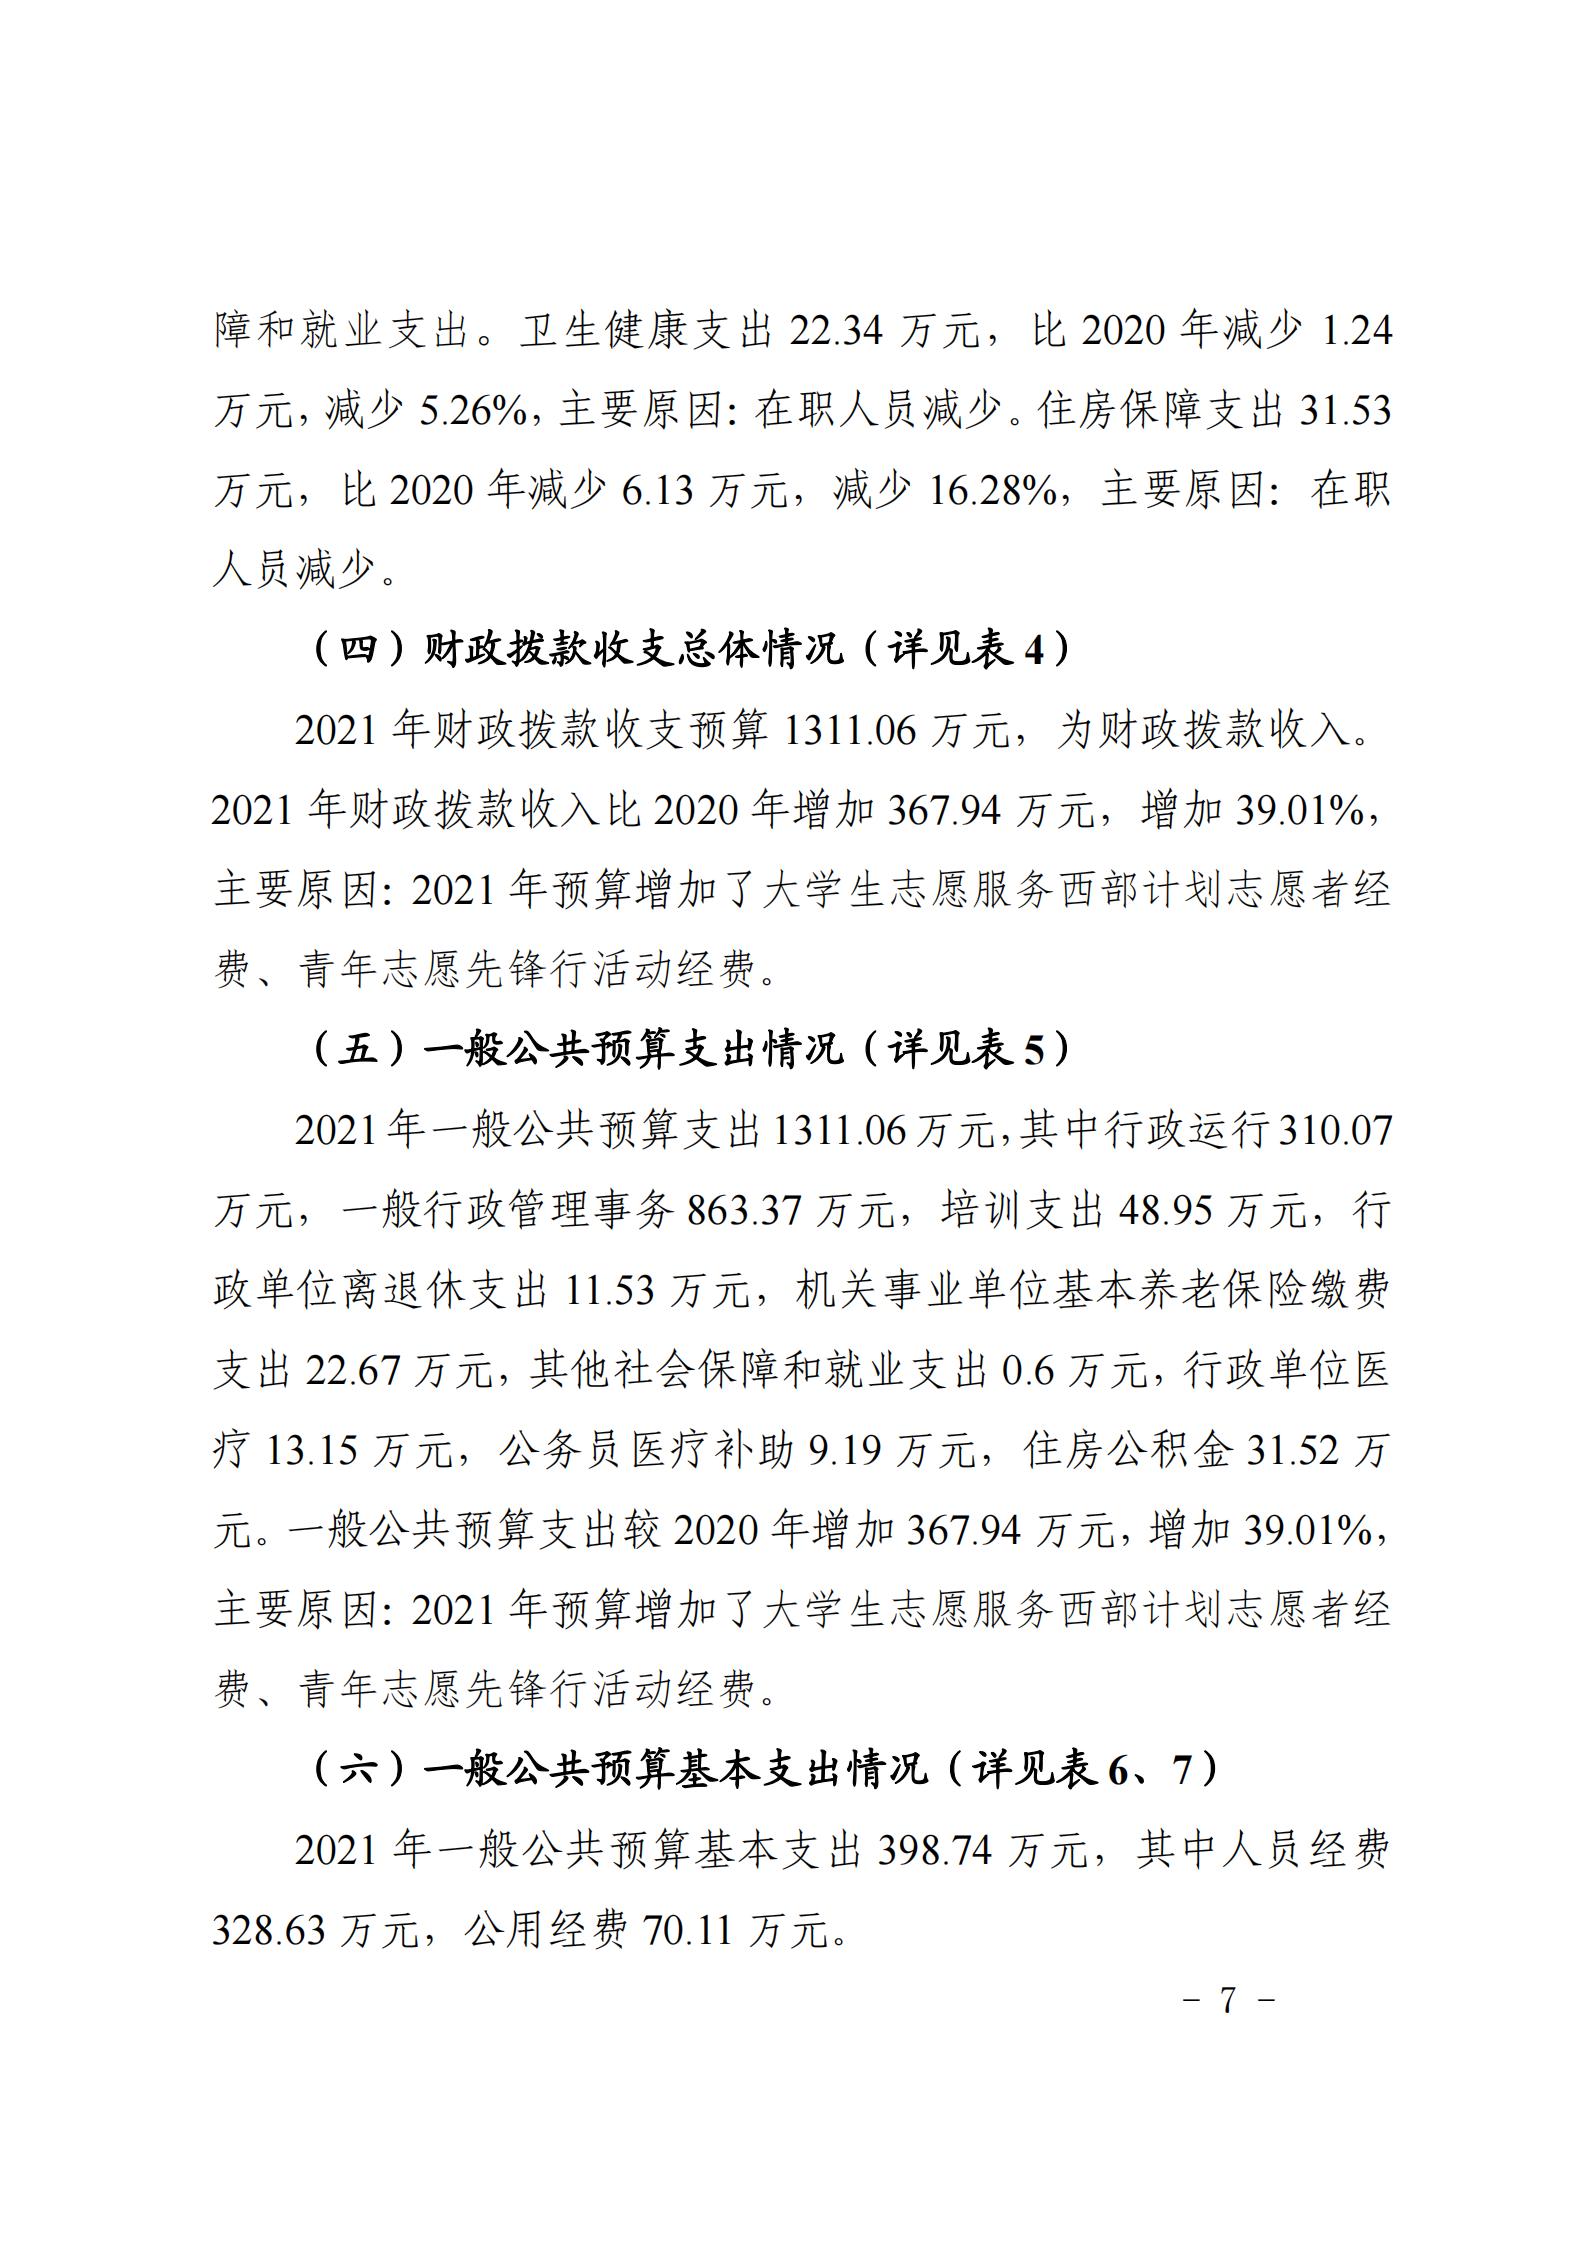 """共青团贵阳市委(本级)2021年度市级部门预算、""""三公""""经费预算公开说明(1)_06.png"""